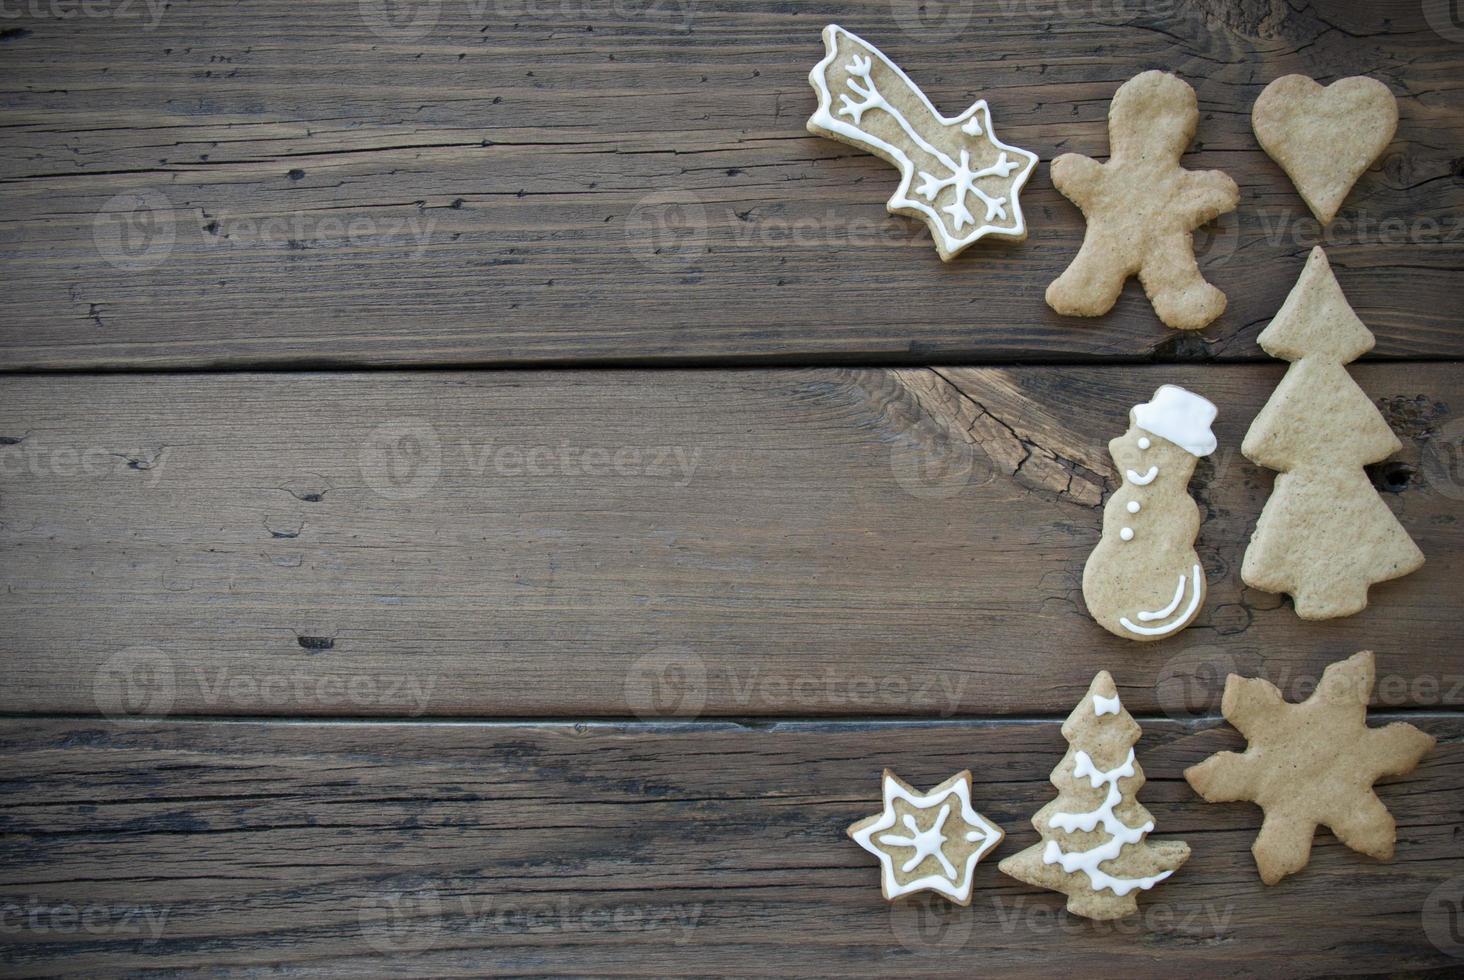 dekorerade ingefära brödkakor på träplanka foto